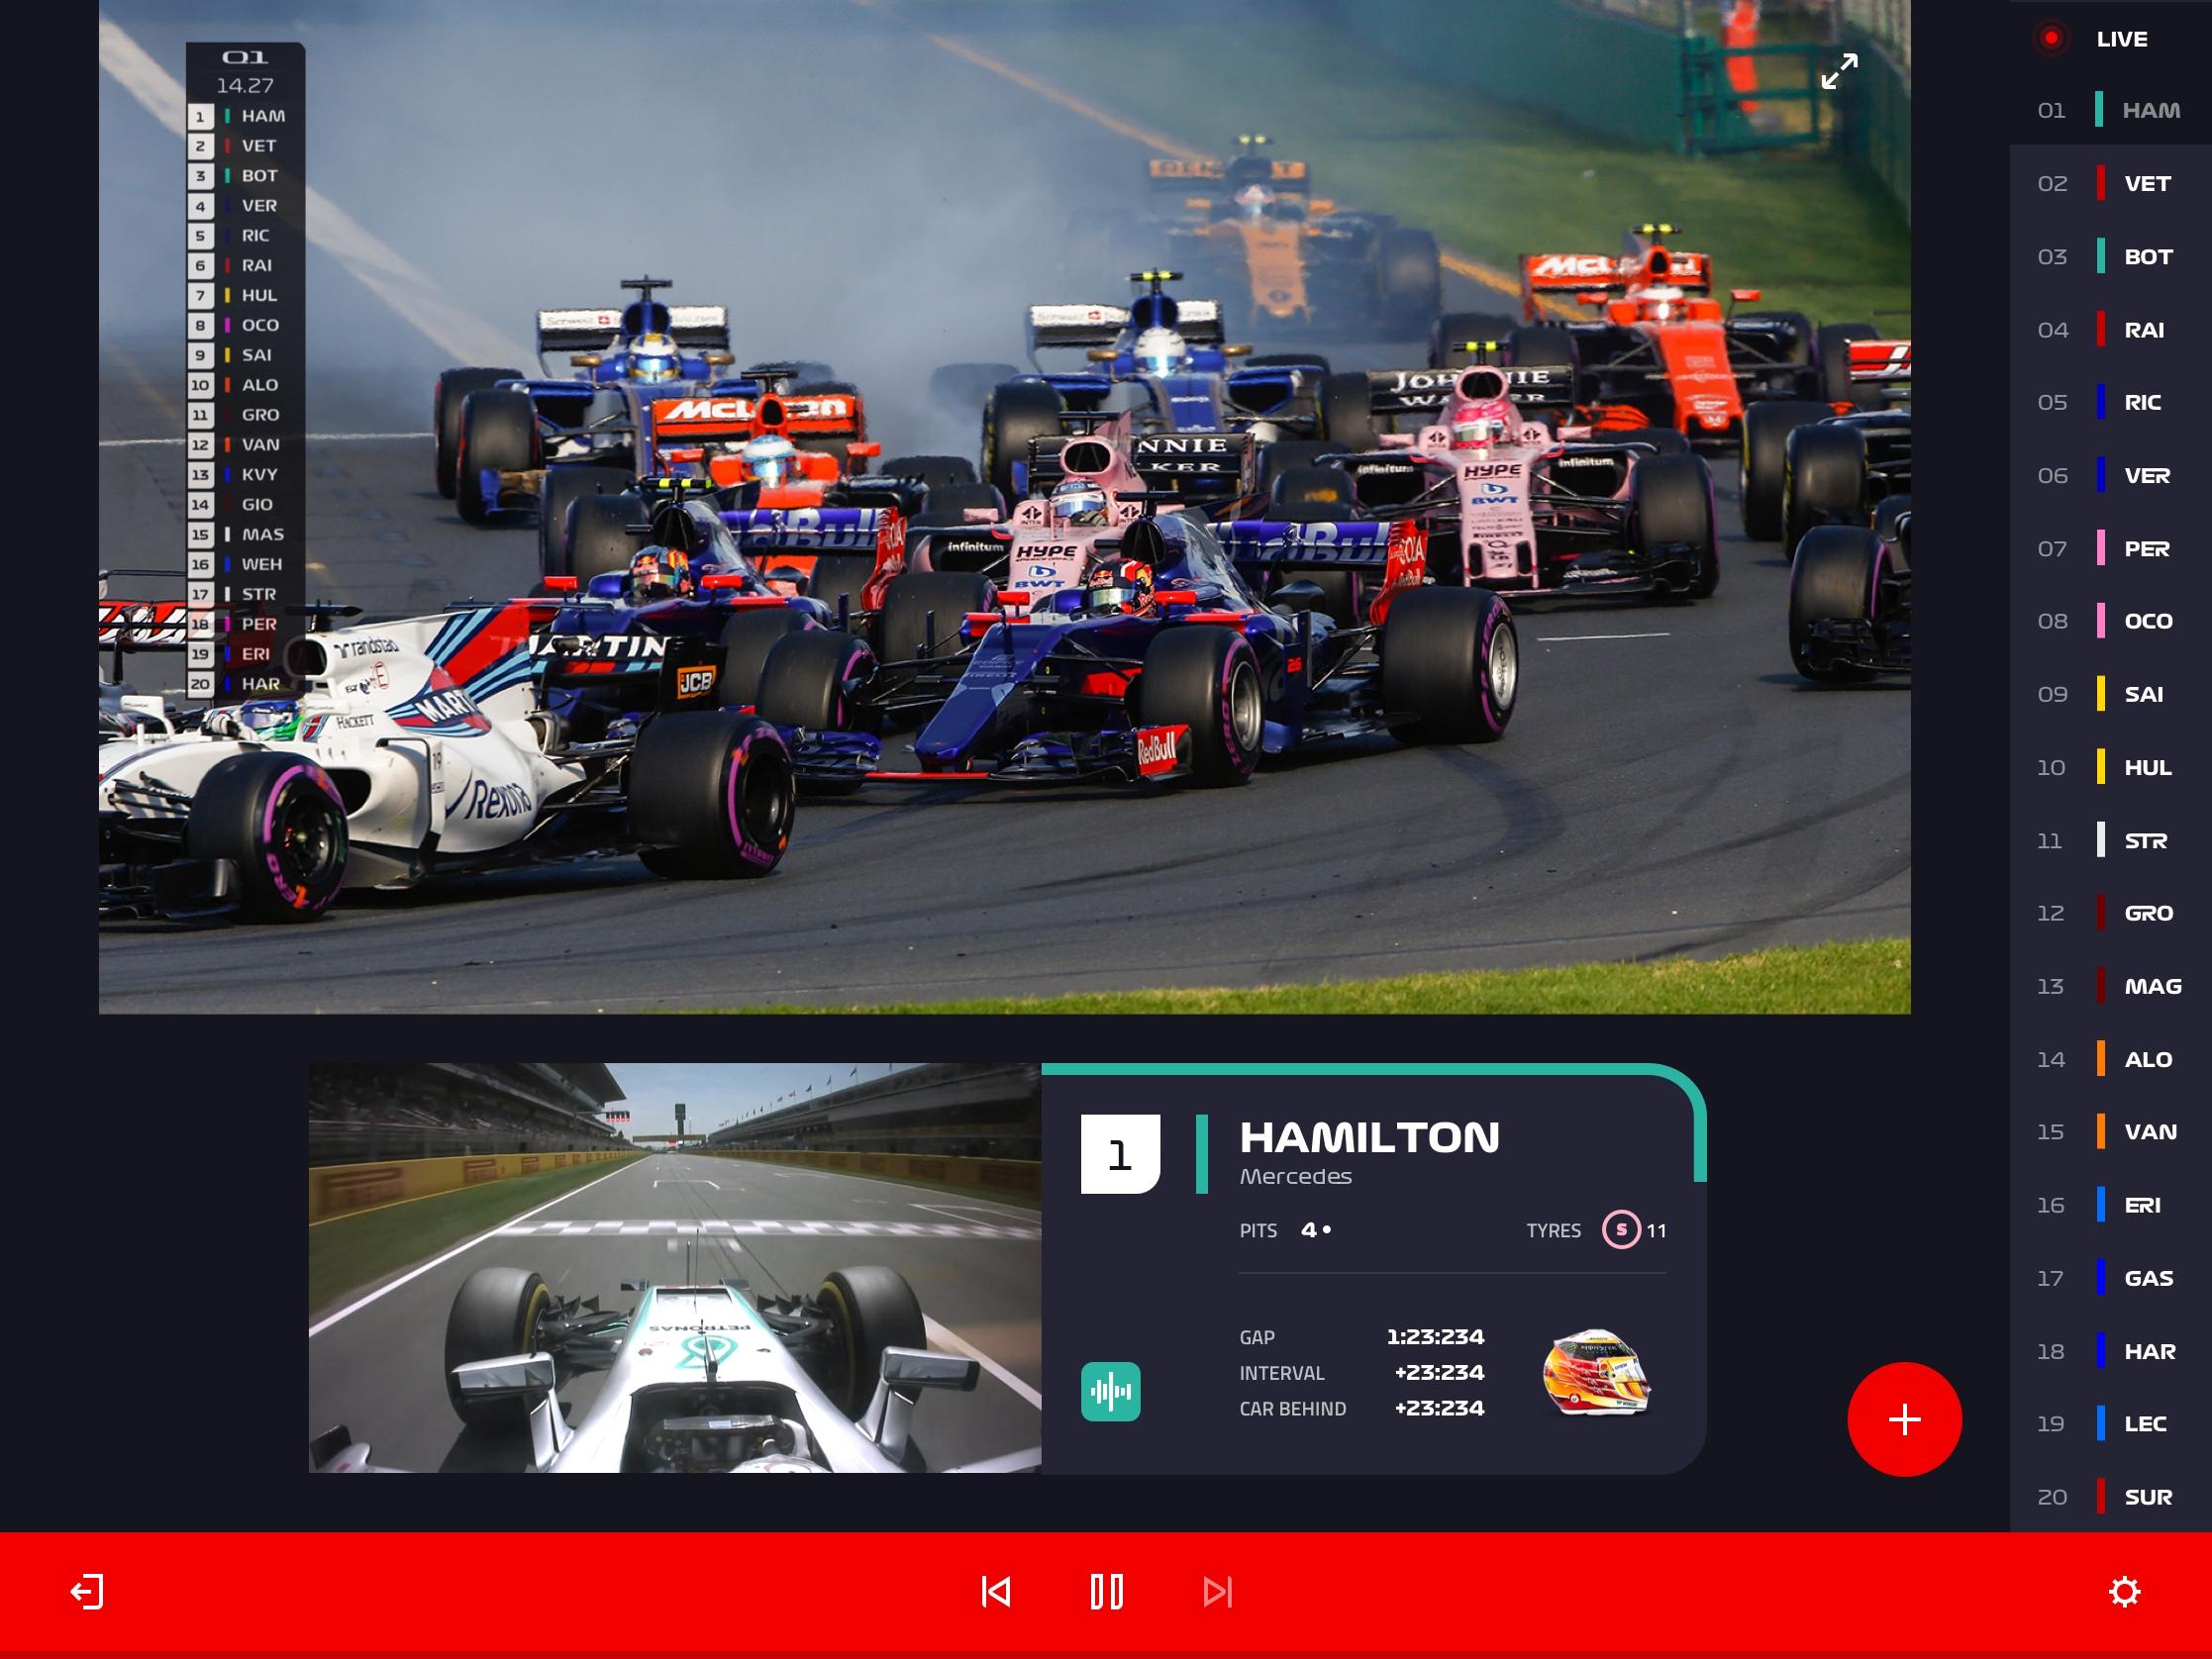 Conoce F1 TV, el nuevo servicio de streaming de la Fórmula 1